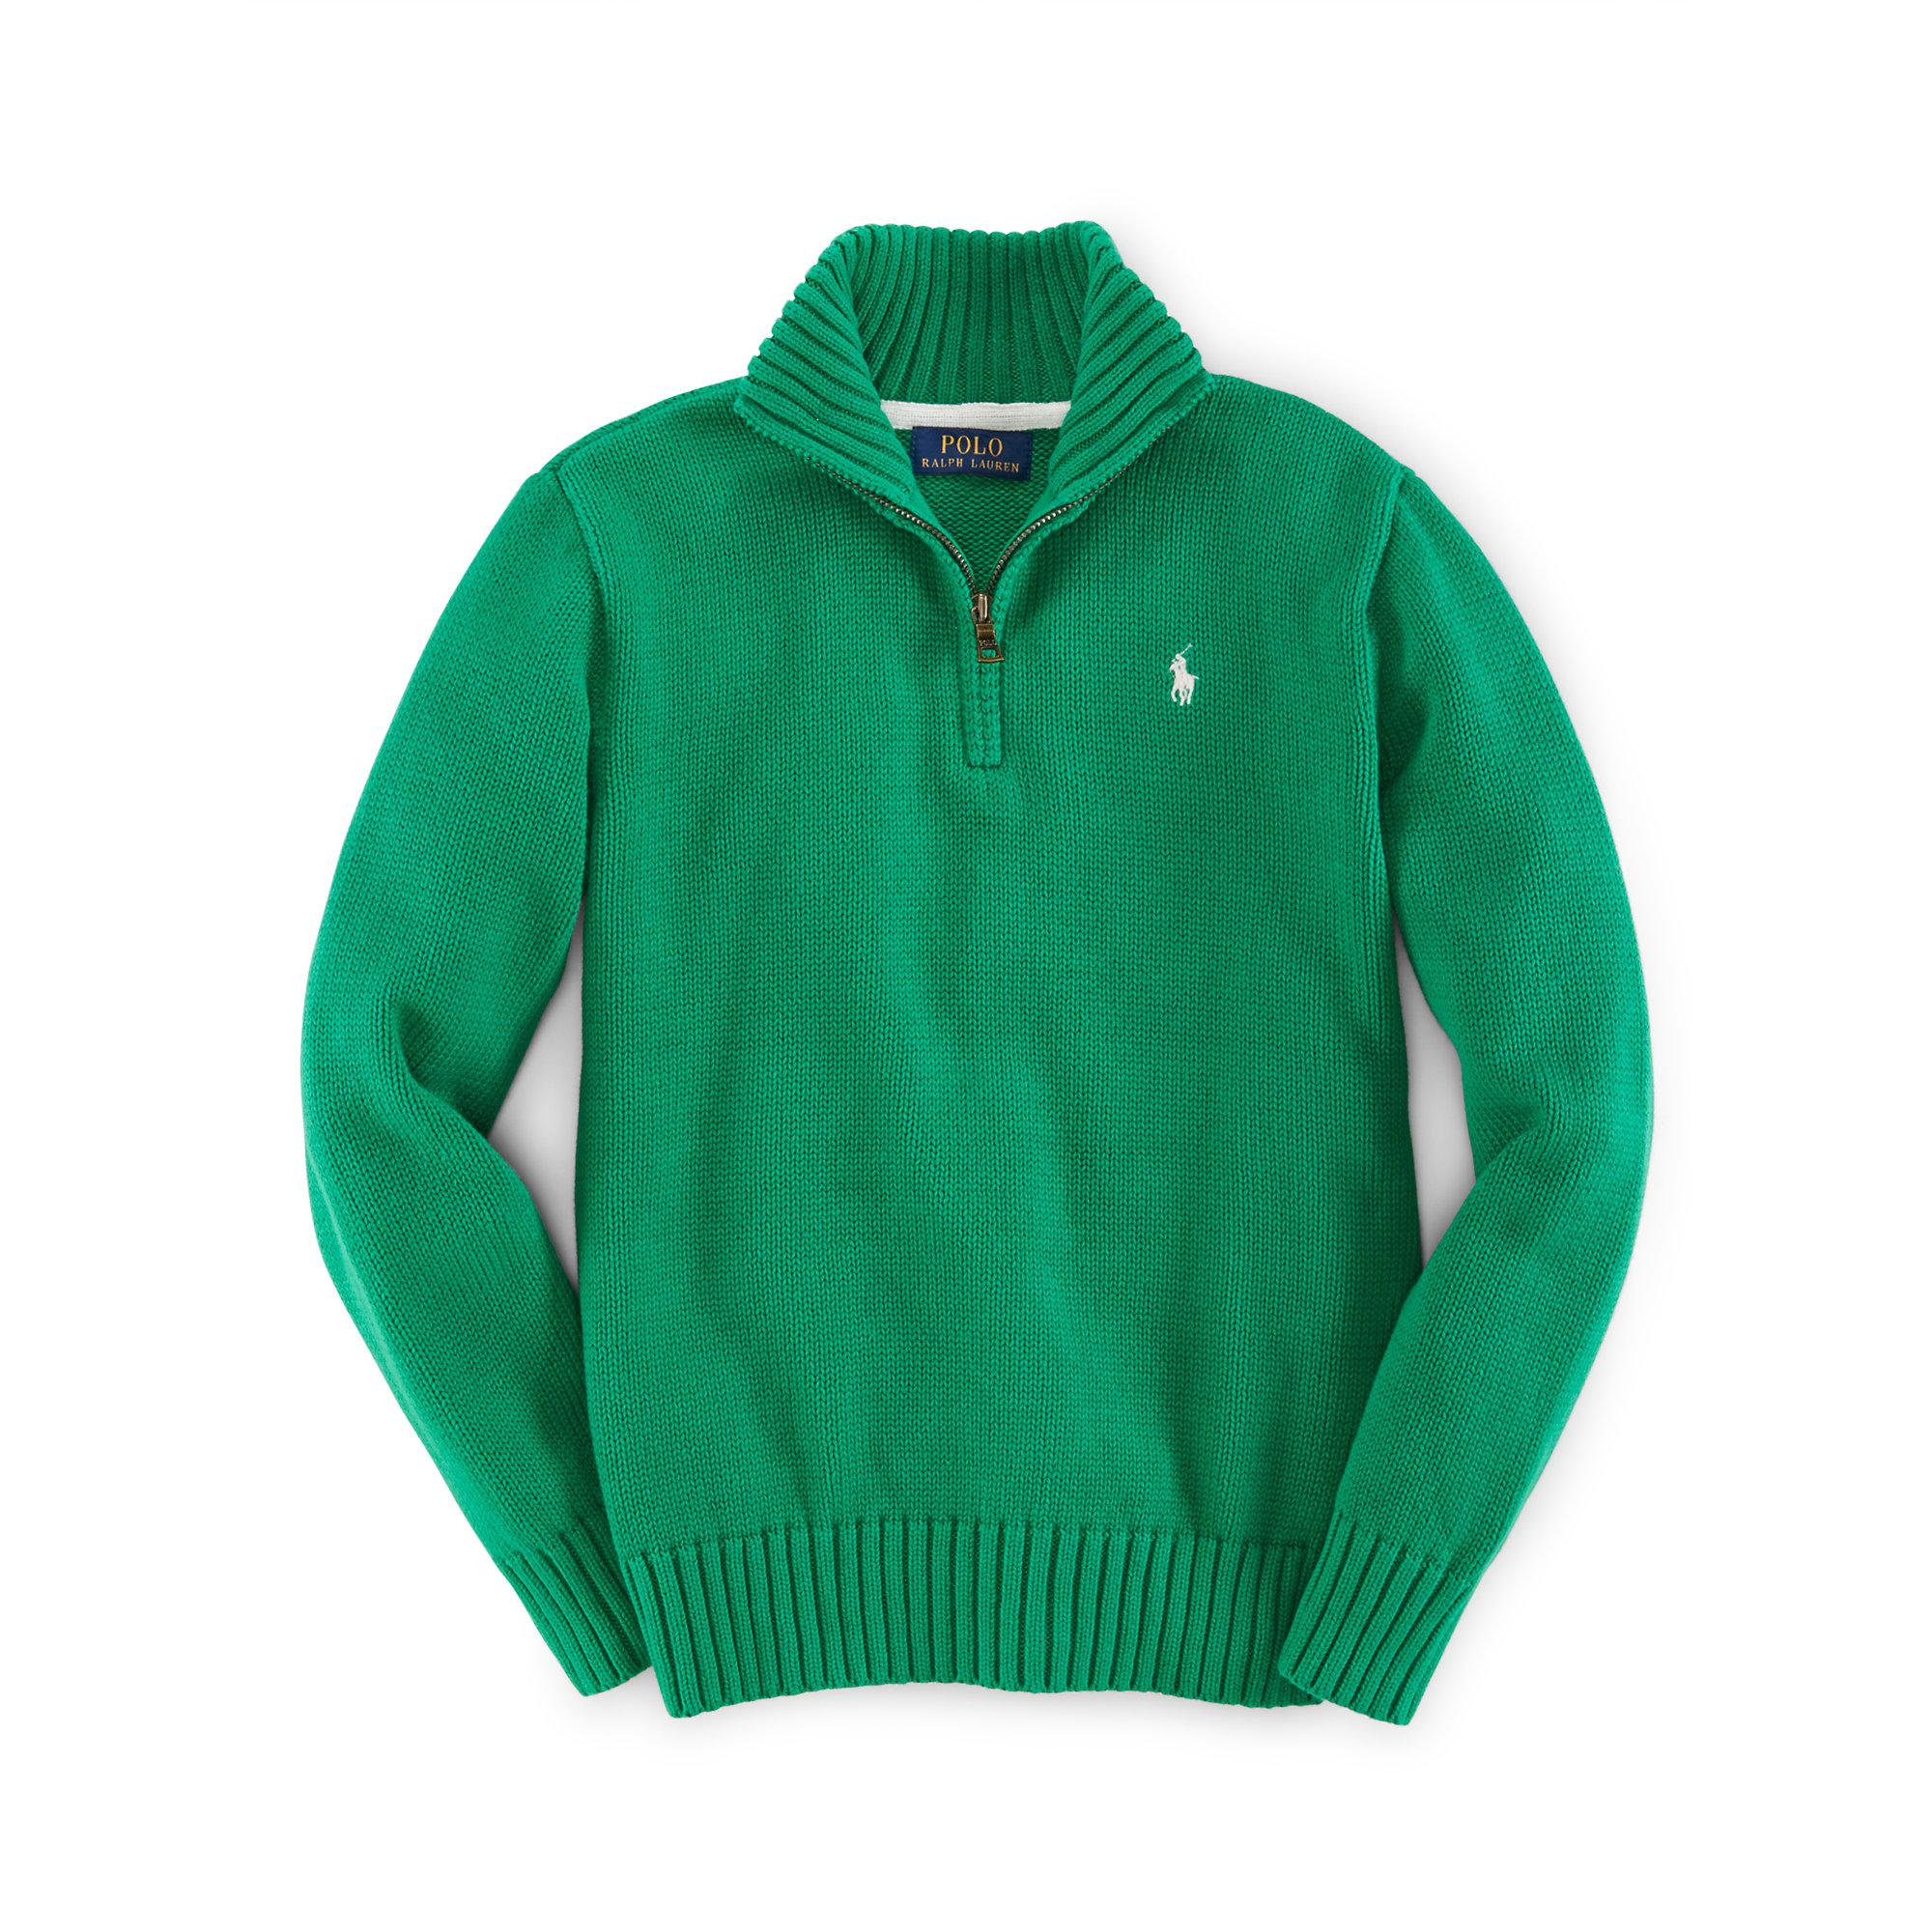 Ralph lauren Cotton Half-zip Sweater in Green | Lyst